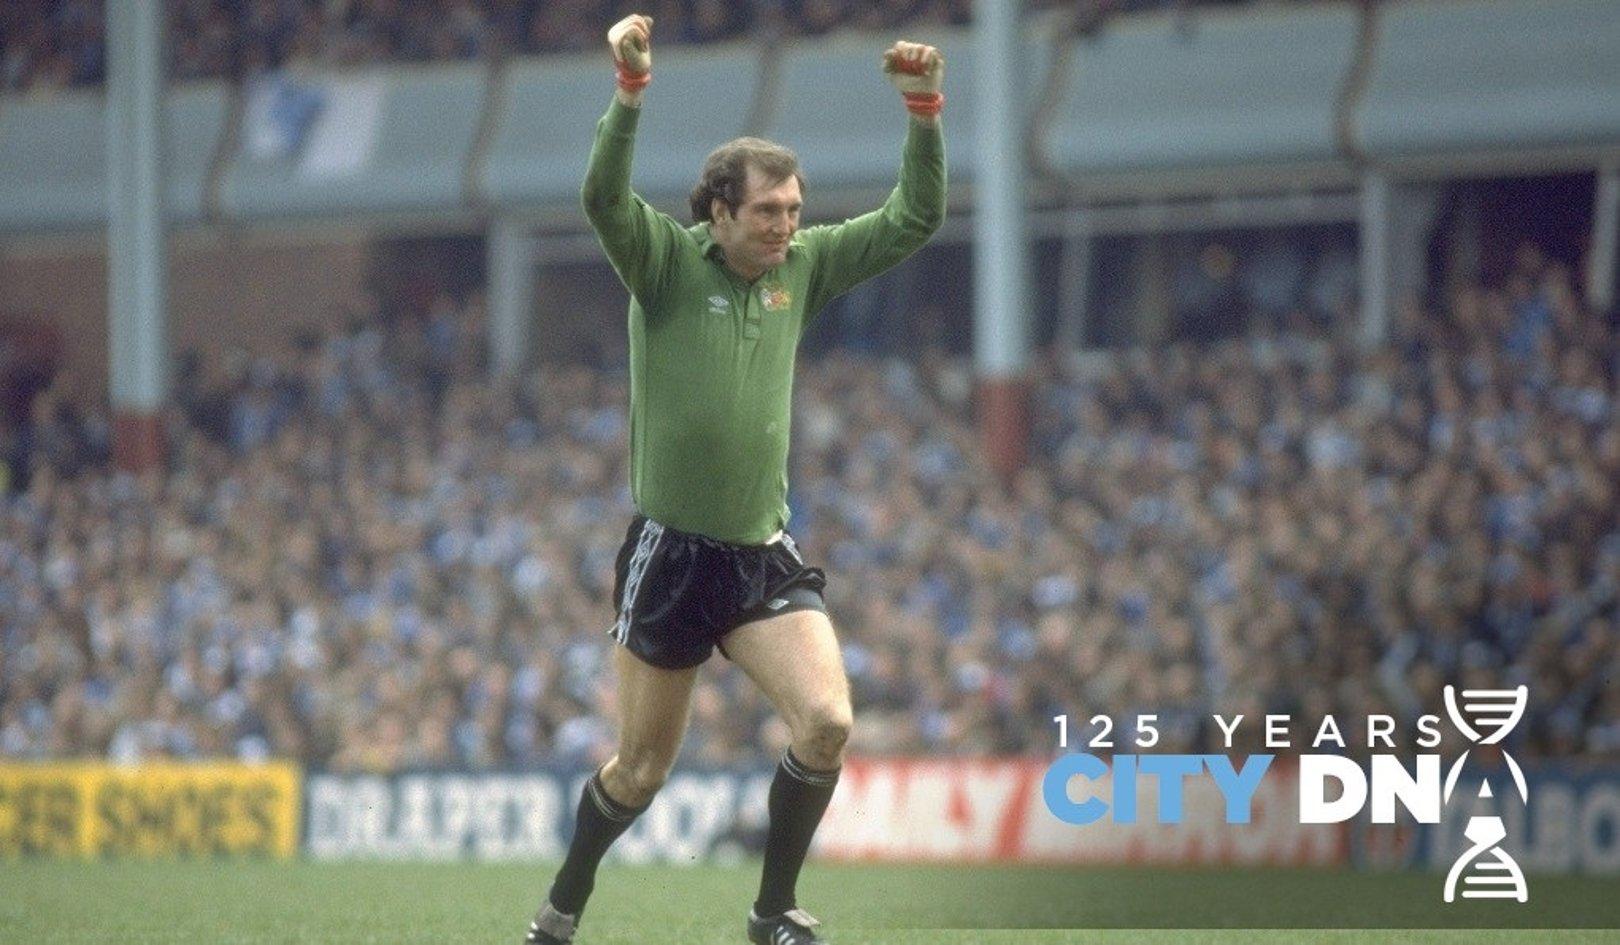 City DNA #121: 'England, England's No.1!'